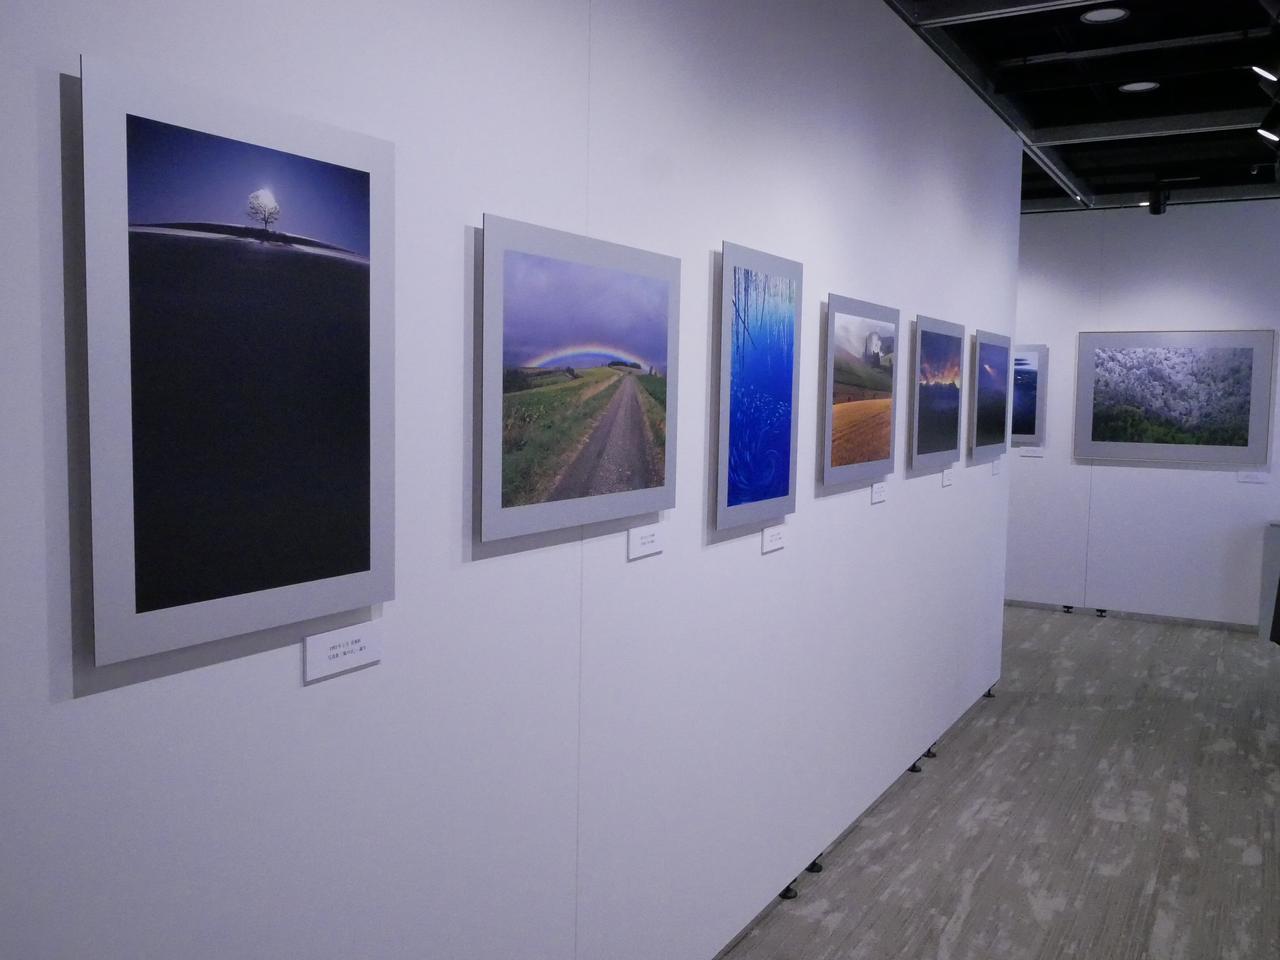 画像: ▲今回の写真展は、高橋さんの写真家としてのキャリアを集大成。展示作品の一部。 www.ricoh-imaging.co.jp